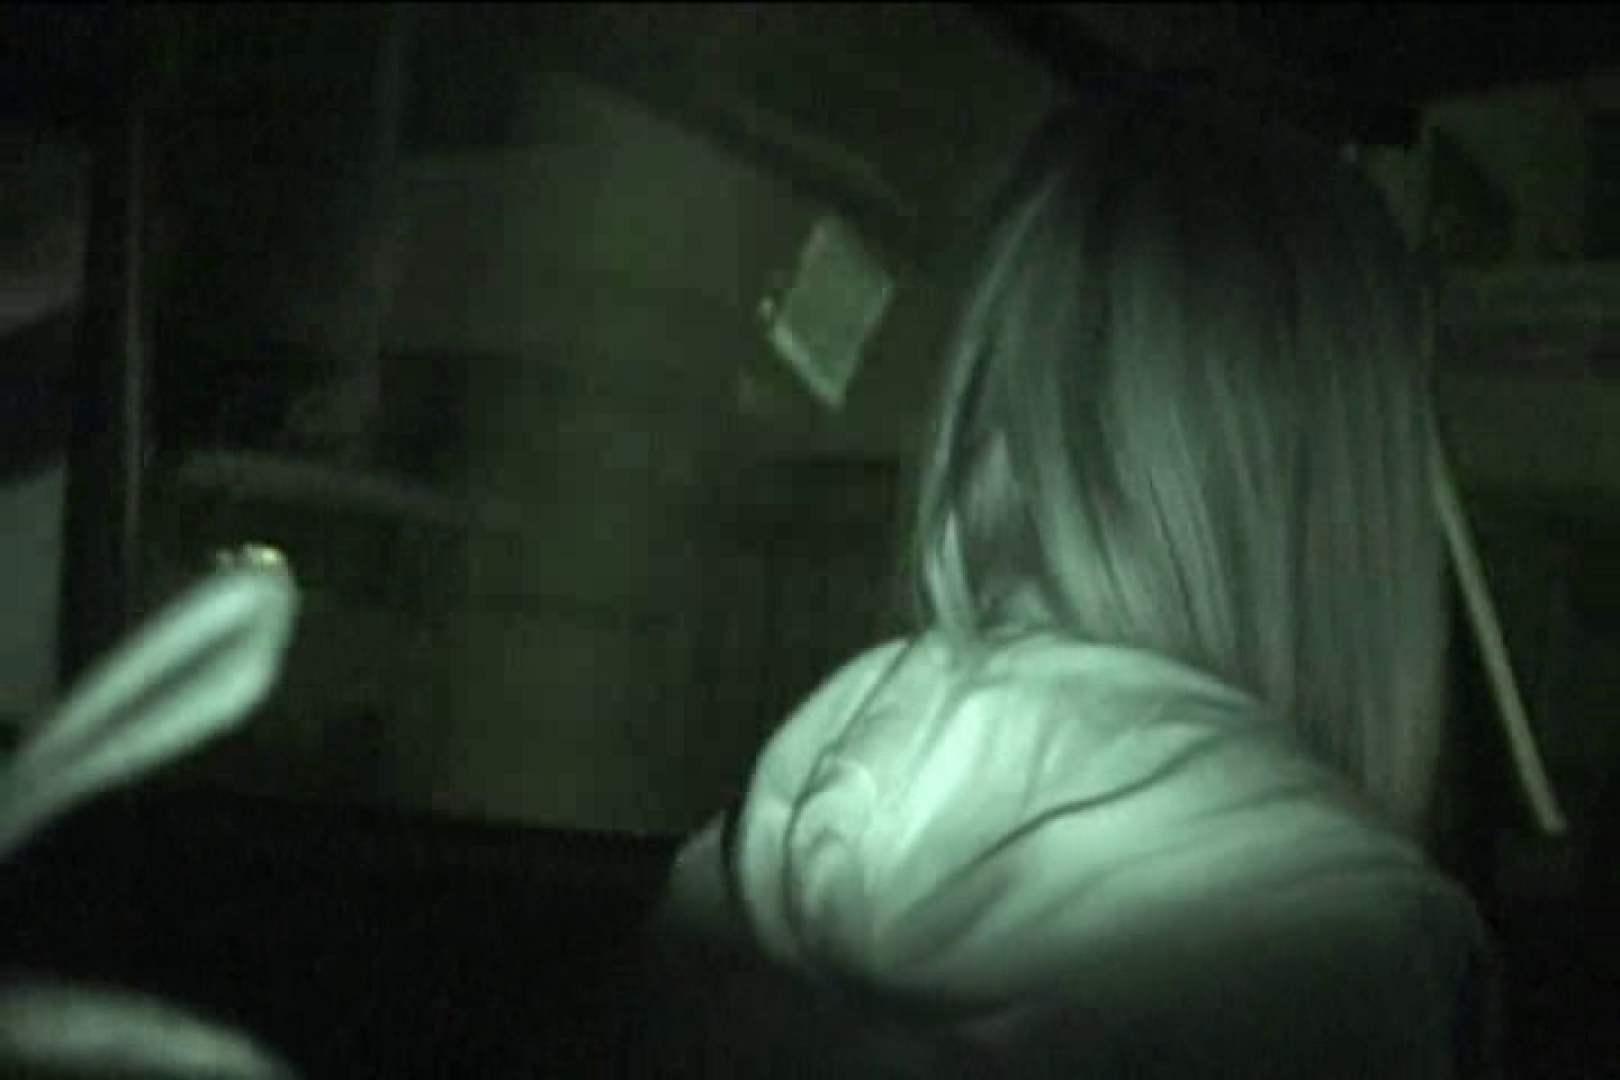 車内で初めまして! vol03 パンティ アダルト動画キャプチャ 63連発 4